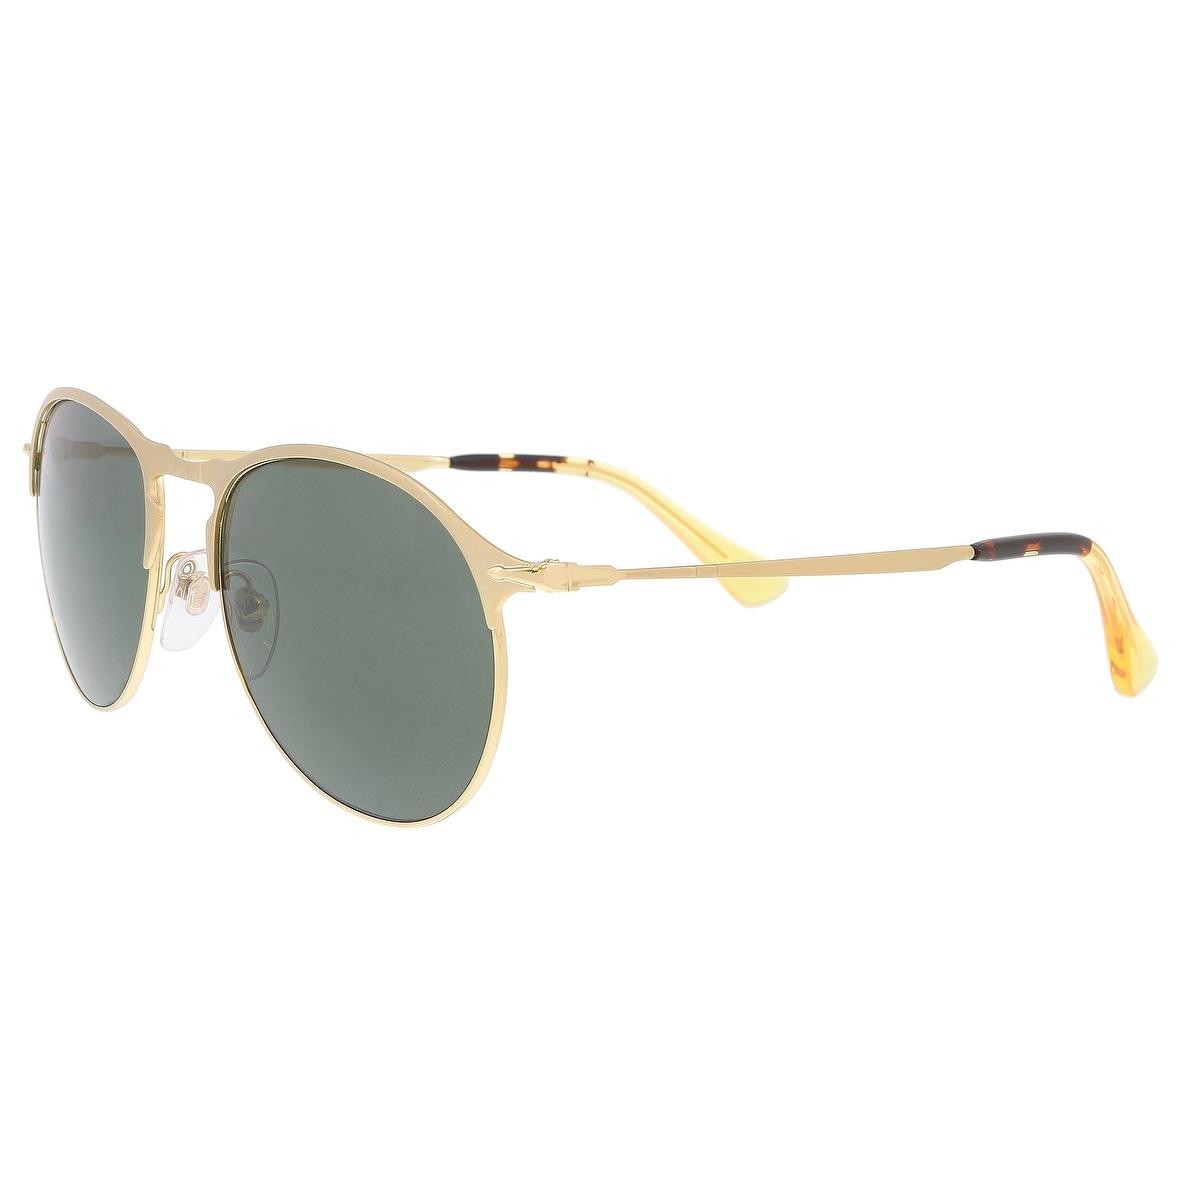 160da825c91 Persol Men s Sunglasses